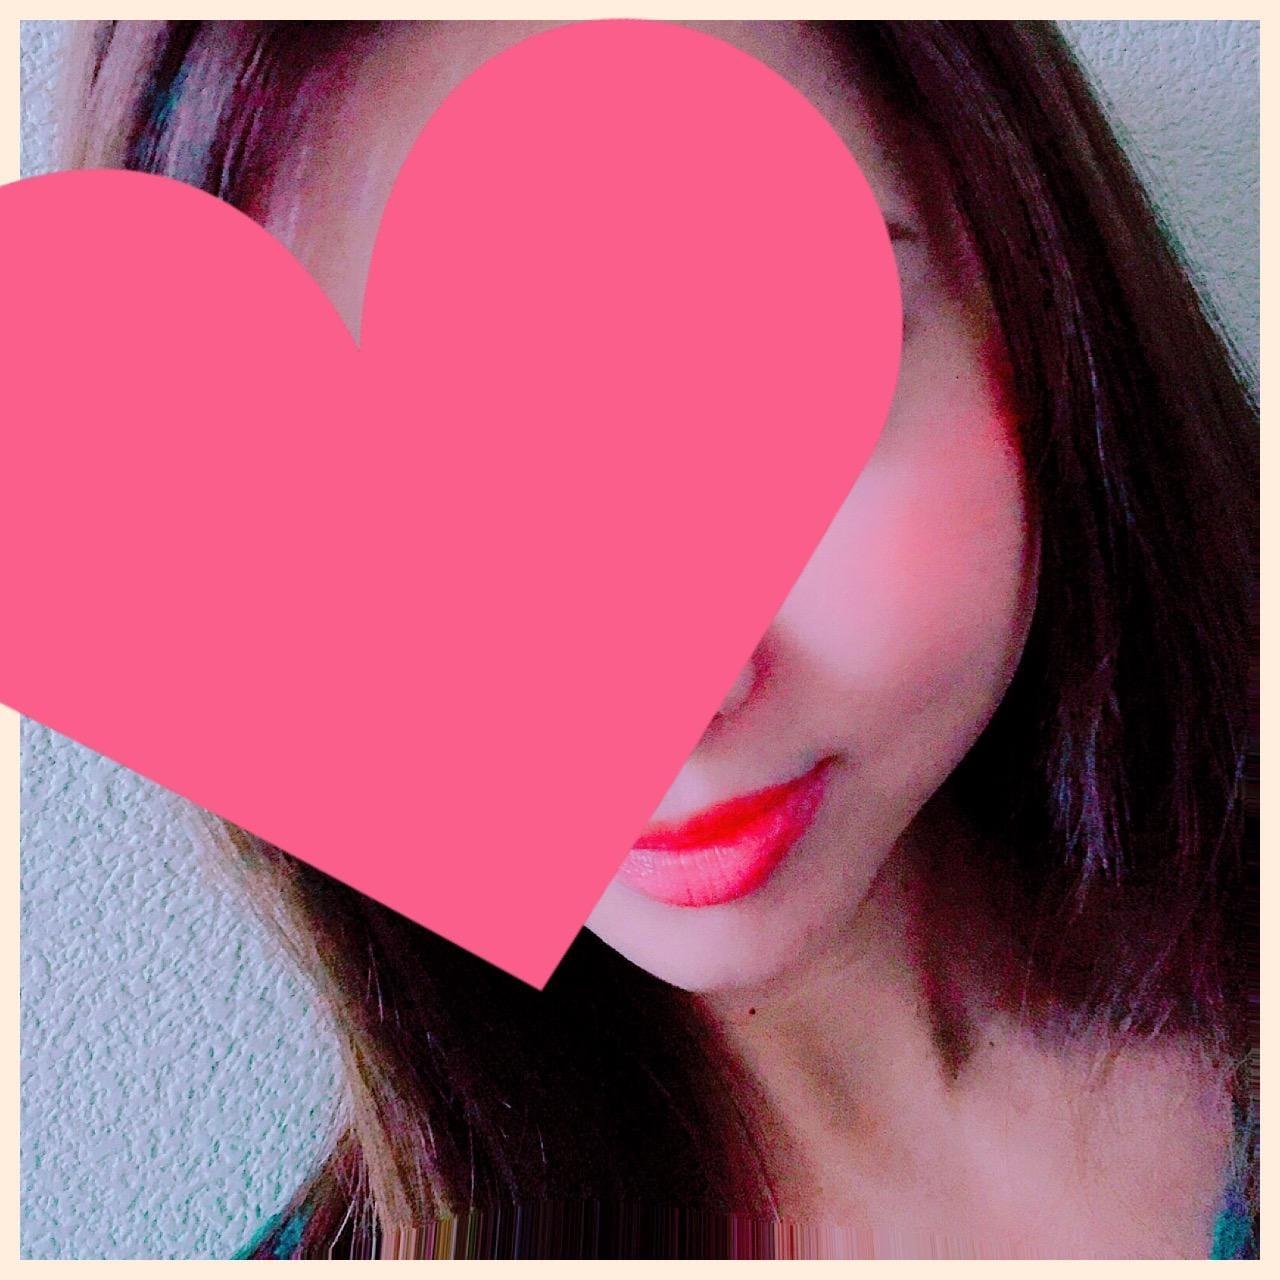 「こんばんは」11/30(金) 20:01 | じゅんたんの写メ・風俗動画